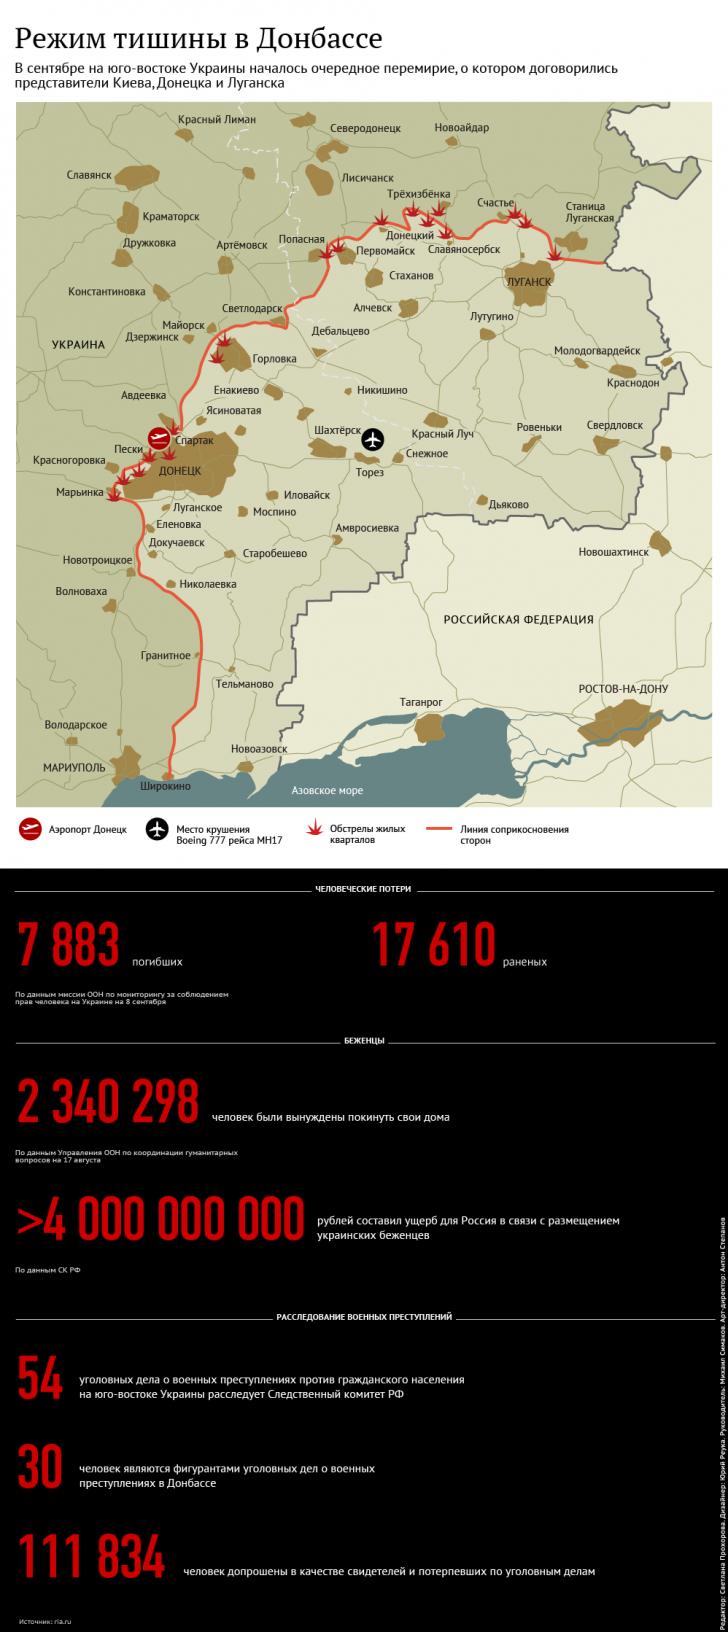 Около 70 диверсантов задержано в ДНР за последние три месяца